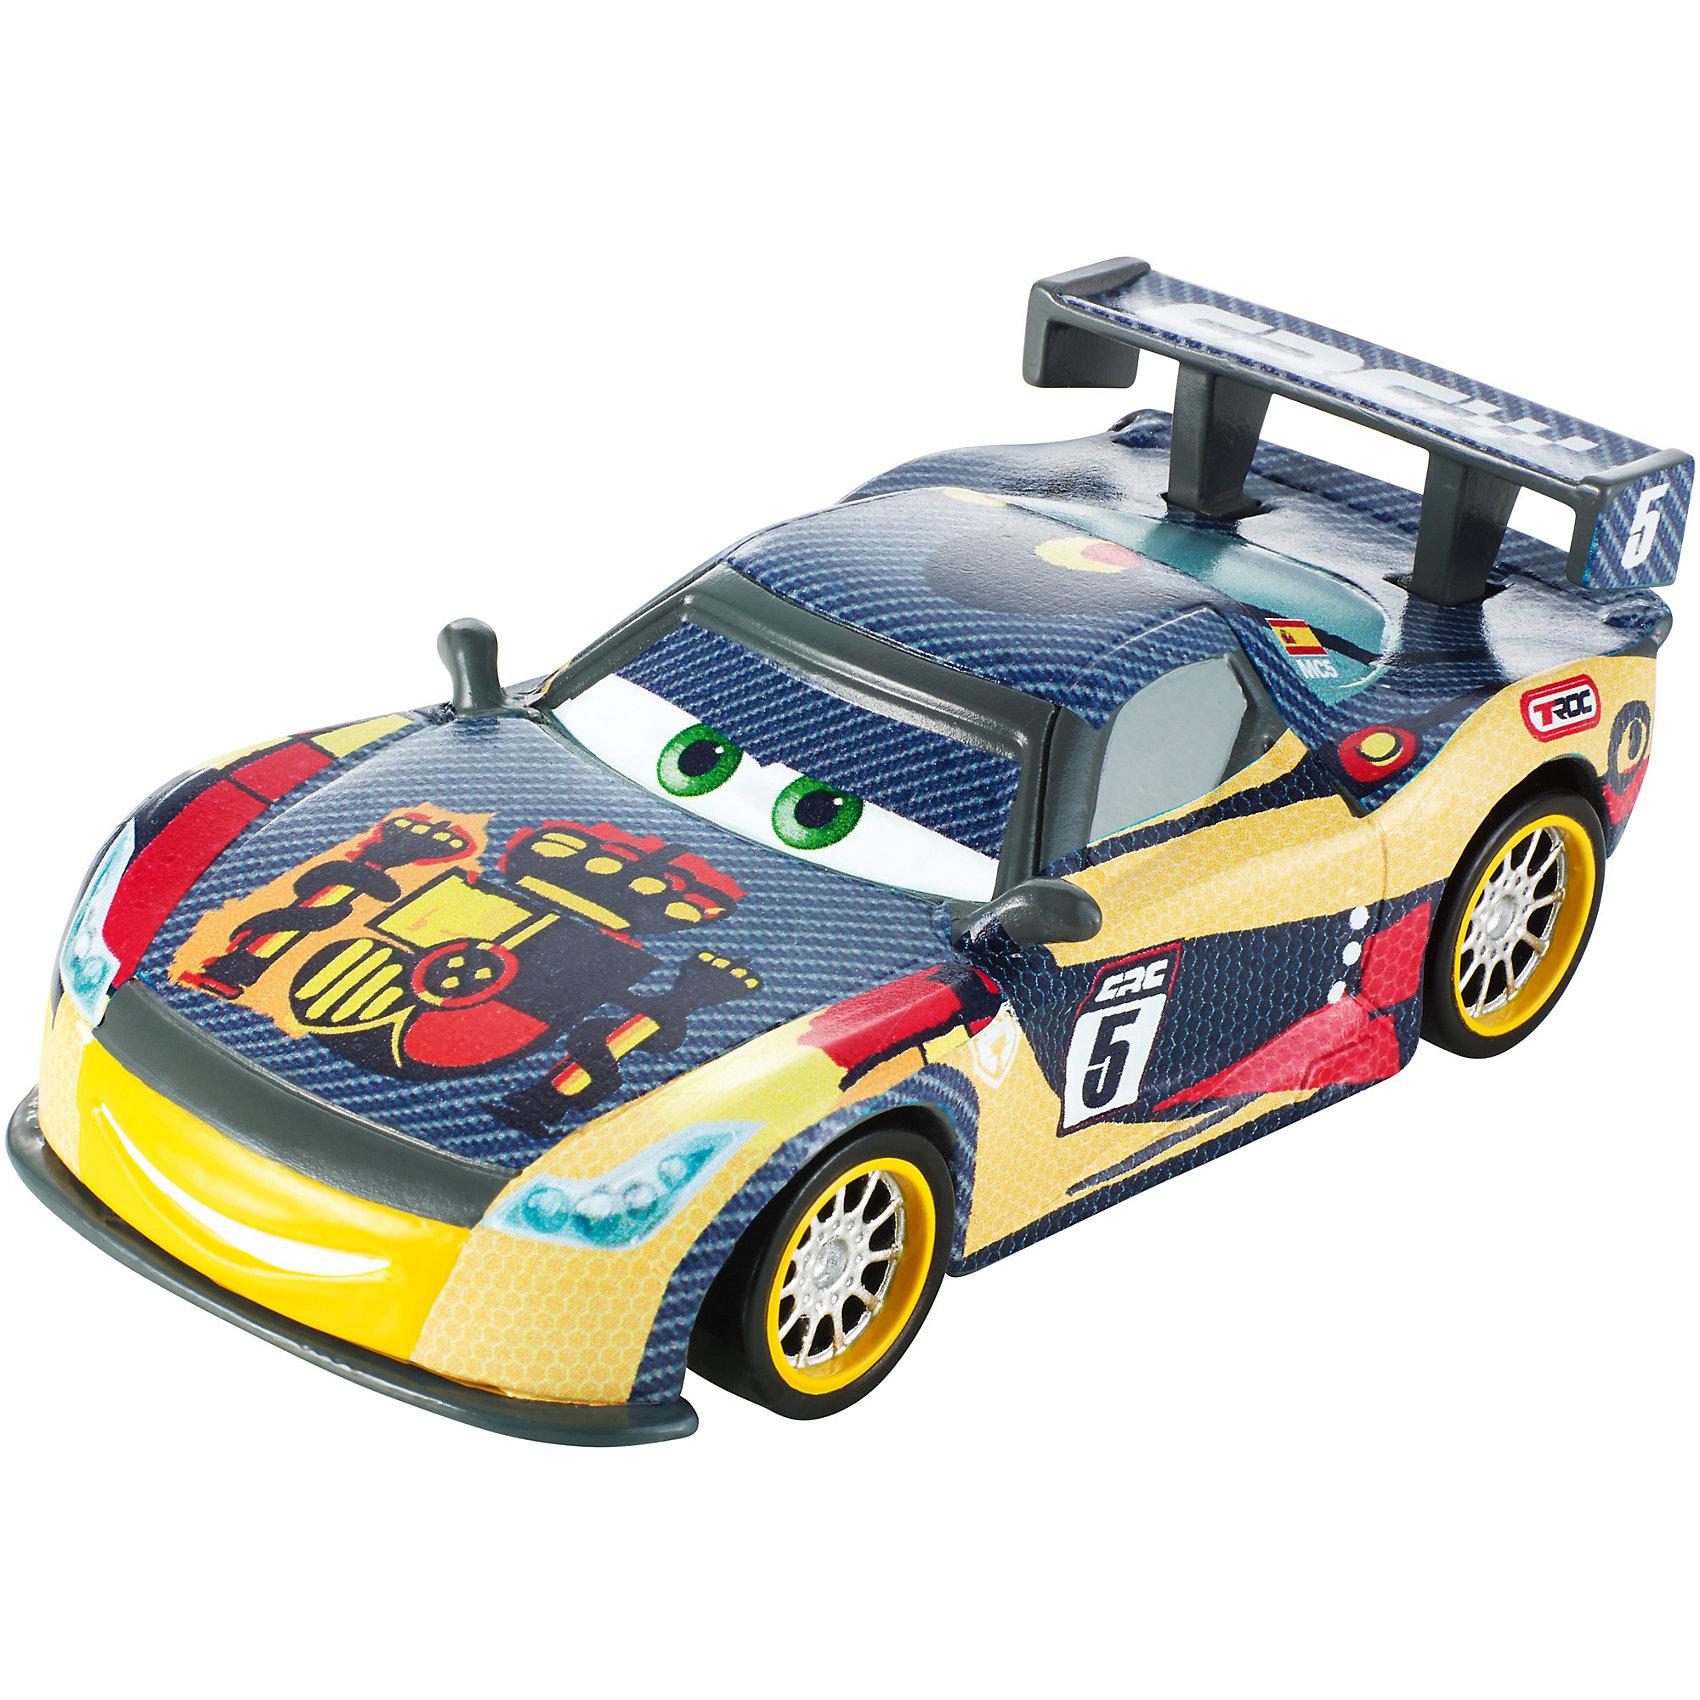 Карбоновый гонщик, ТачкиИгрушечная машинка Тачки: Карбоновый гонщик от Mattel представляет собой гоночный автомобиль, который исполнен по мотивам известного и любимого многими детьми диснеевского мультика Тачки. Эта игрушка станет прекрасным подарком для любого мальчика. Играть с ней можно повсюду. А также будет интересно придумывать свои истории тачек.<br>В товар входит:<br>-машинка<br><br>Дополнительная информация:<br>-Цвет: жёлтый,красный,серый<br>-Возраст: от 3 лет<br>-Для мальчиков<br>-Материал: металл,пластик<br>-Упаковка: блистер на картоне<br>-Бренд: Mattel<br><br>Ширина мм: 45<br>Глубина мм: 140<br>Высота мм: 165<br>Вес г: 83<br>Возраст от месяцев: 36<br>Возраст до месяцев: 120<br>Пол: Мужской<br>Возраст: Детский<br>SKU: 4973451